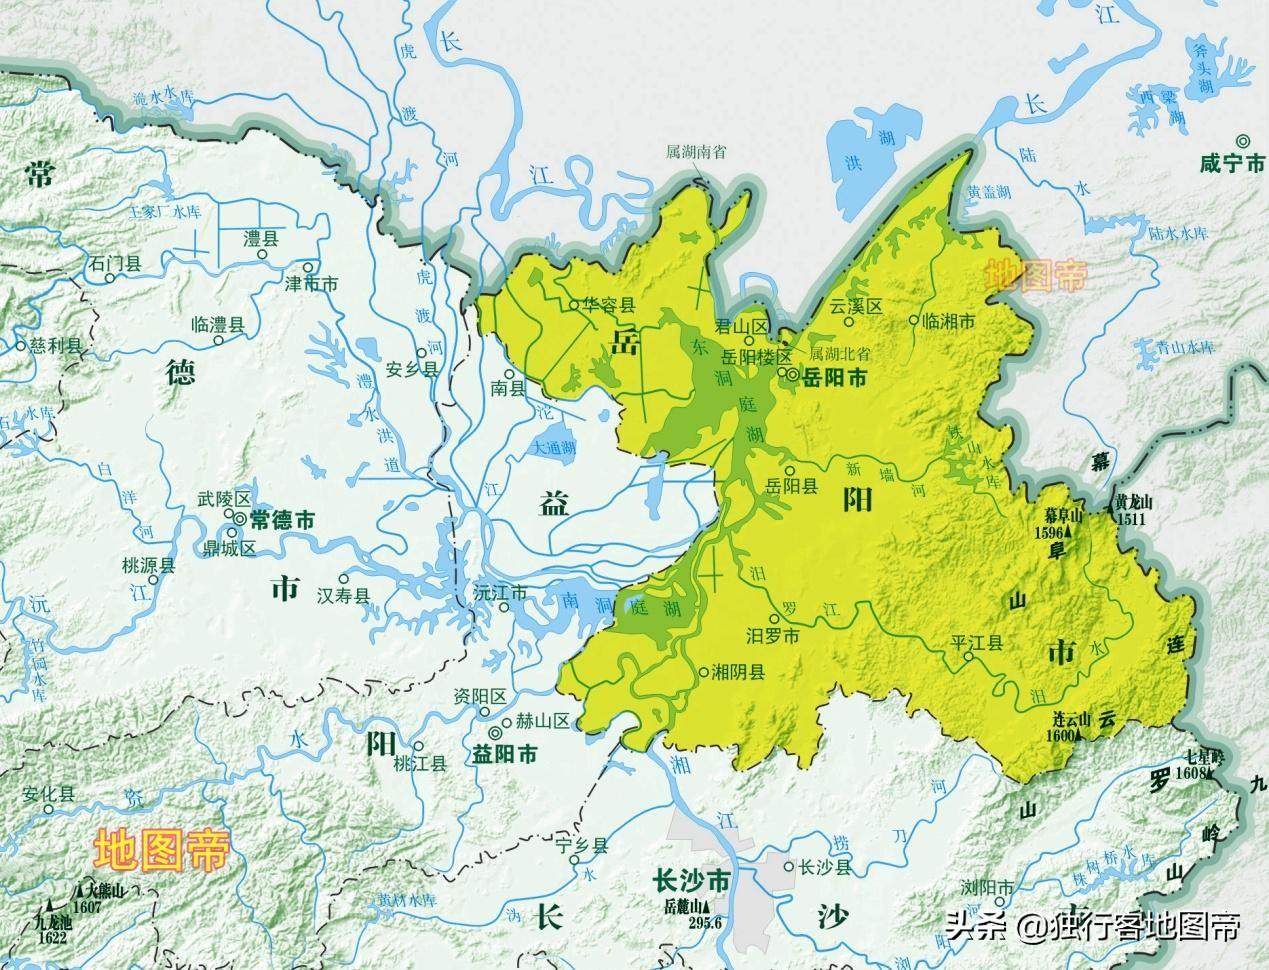 从历史和地理位置上看,岳阳对湖南有多重要?